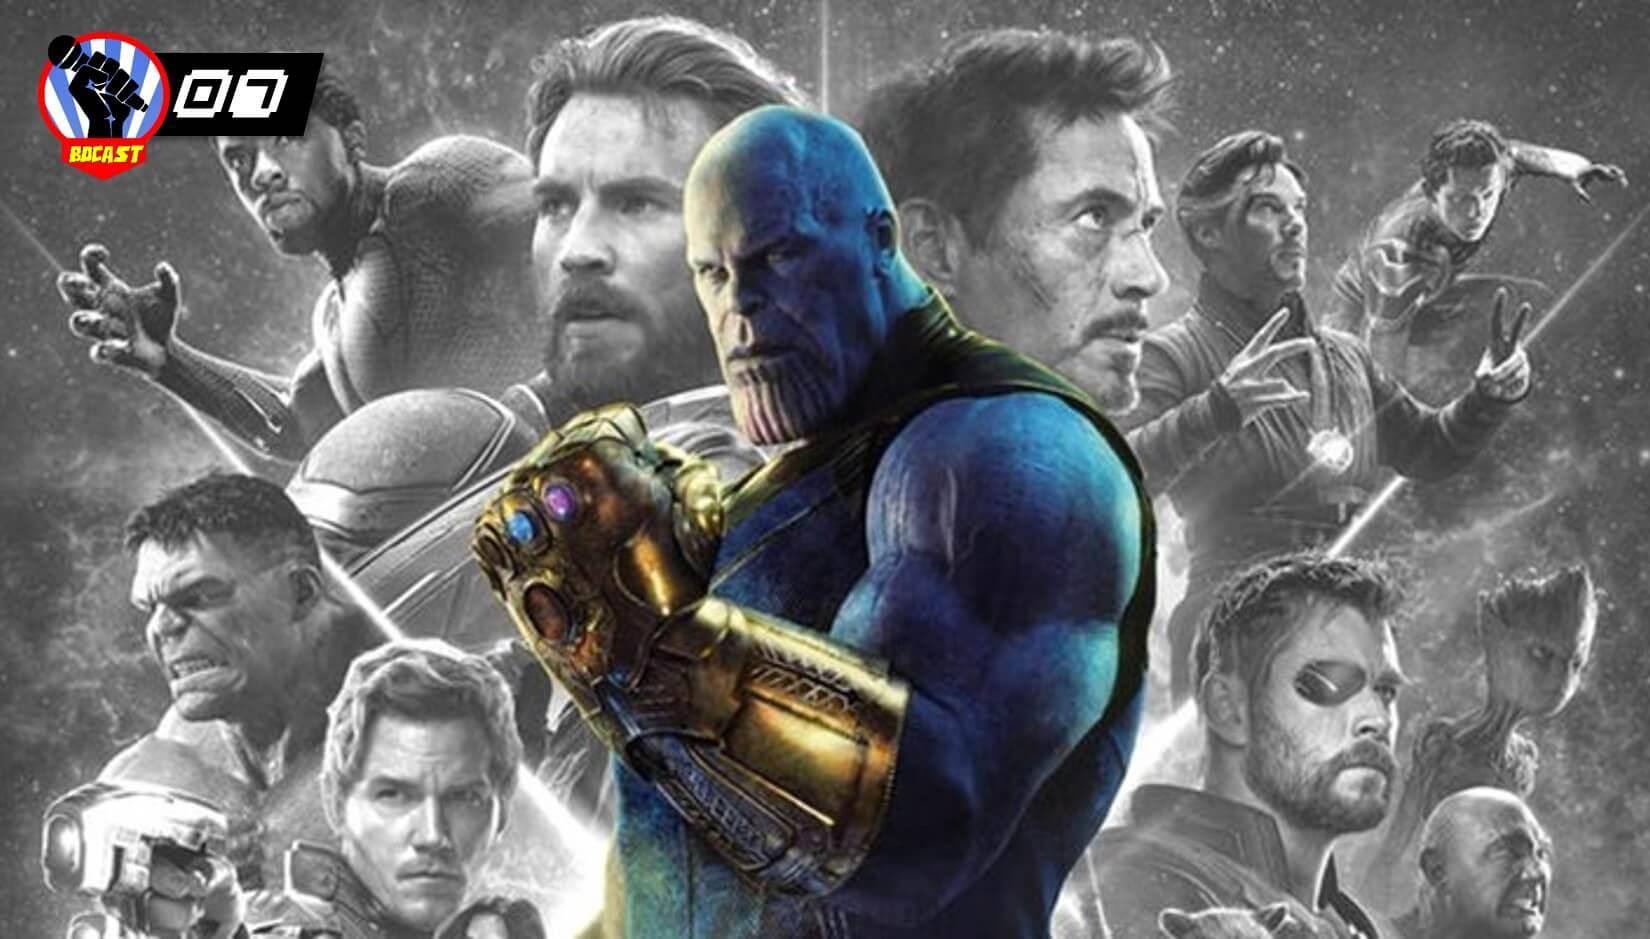 Vingadores: Guerra Infinita e o preço da sua alma